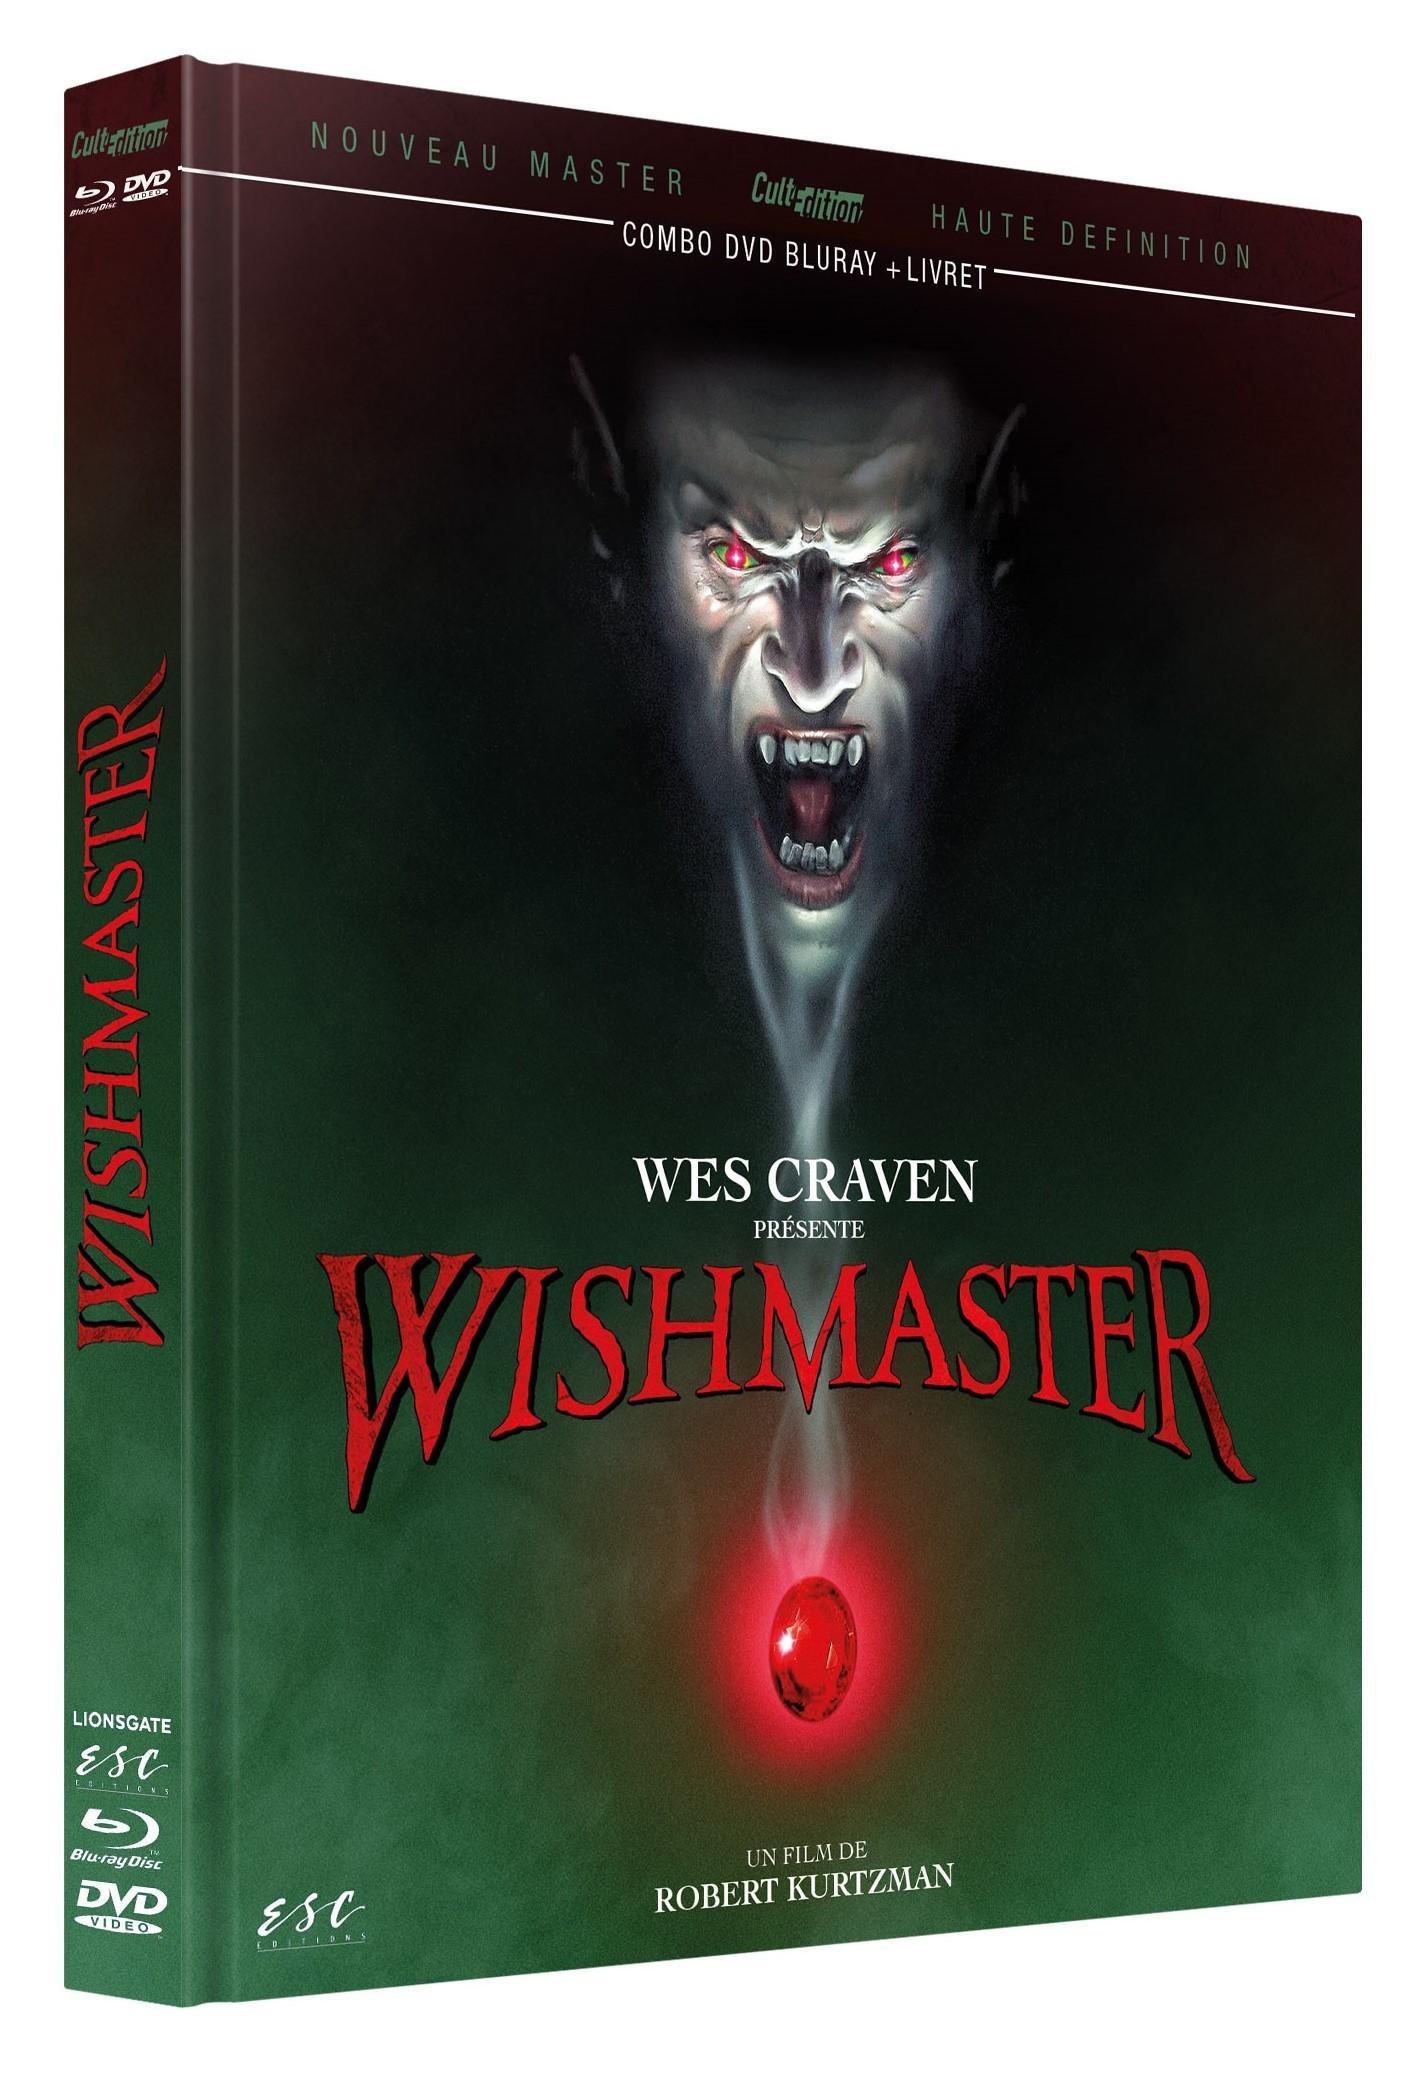 WISHMASTER - BRD